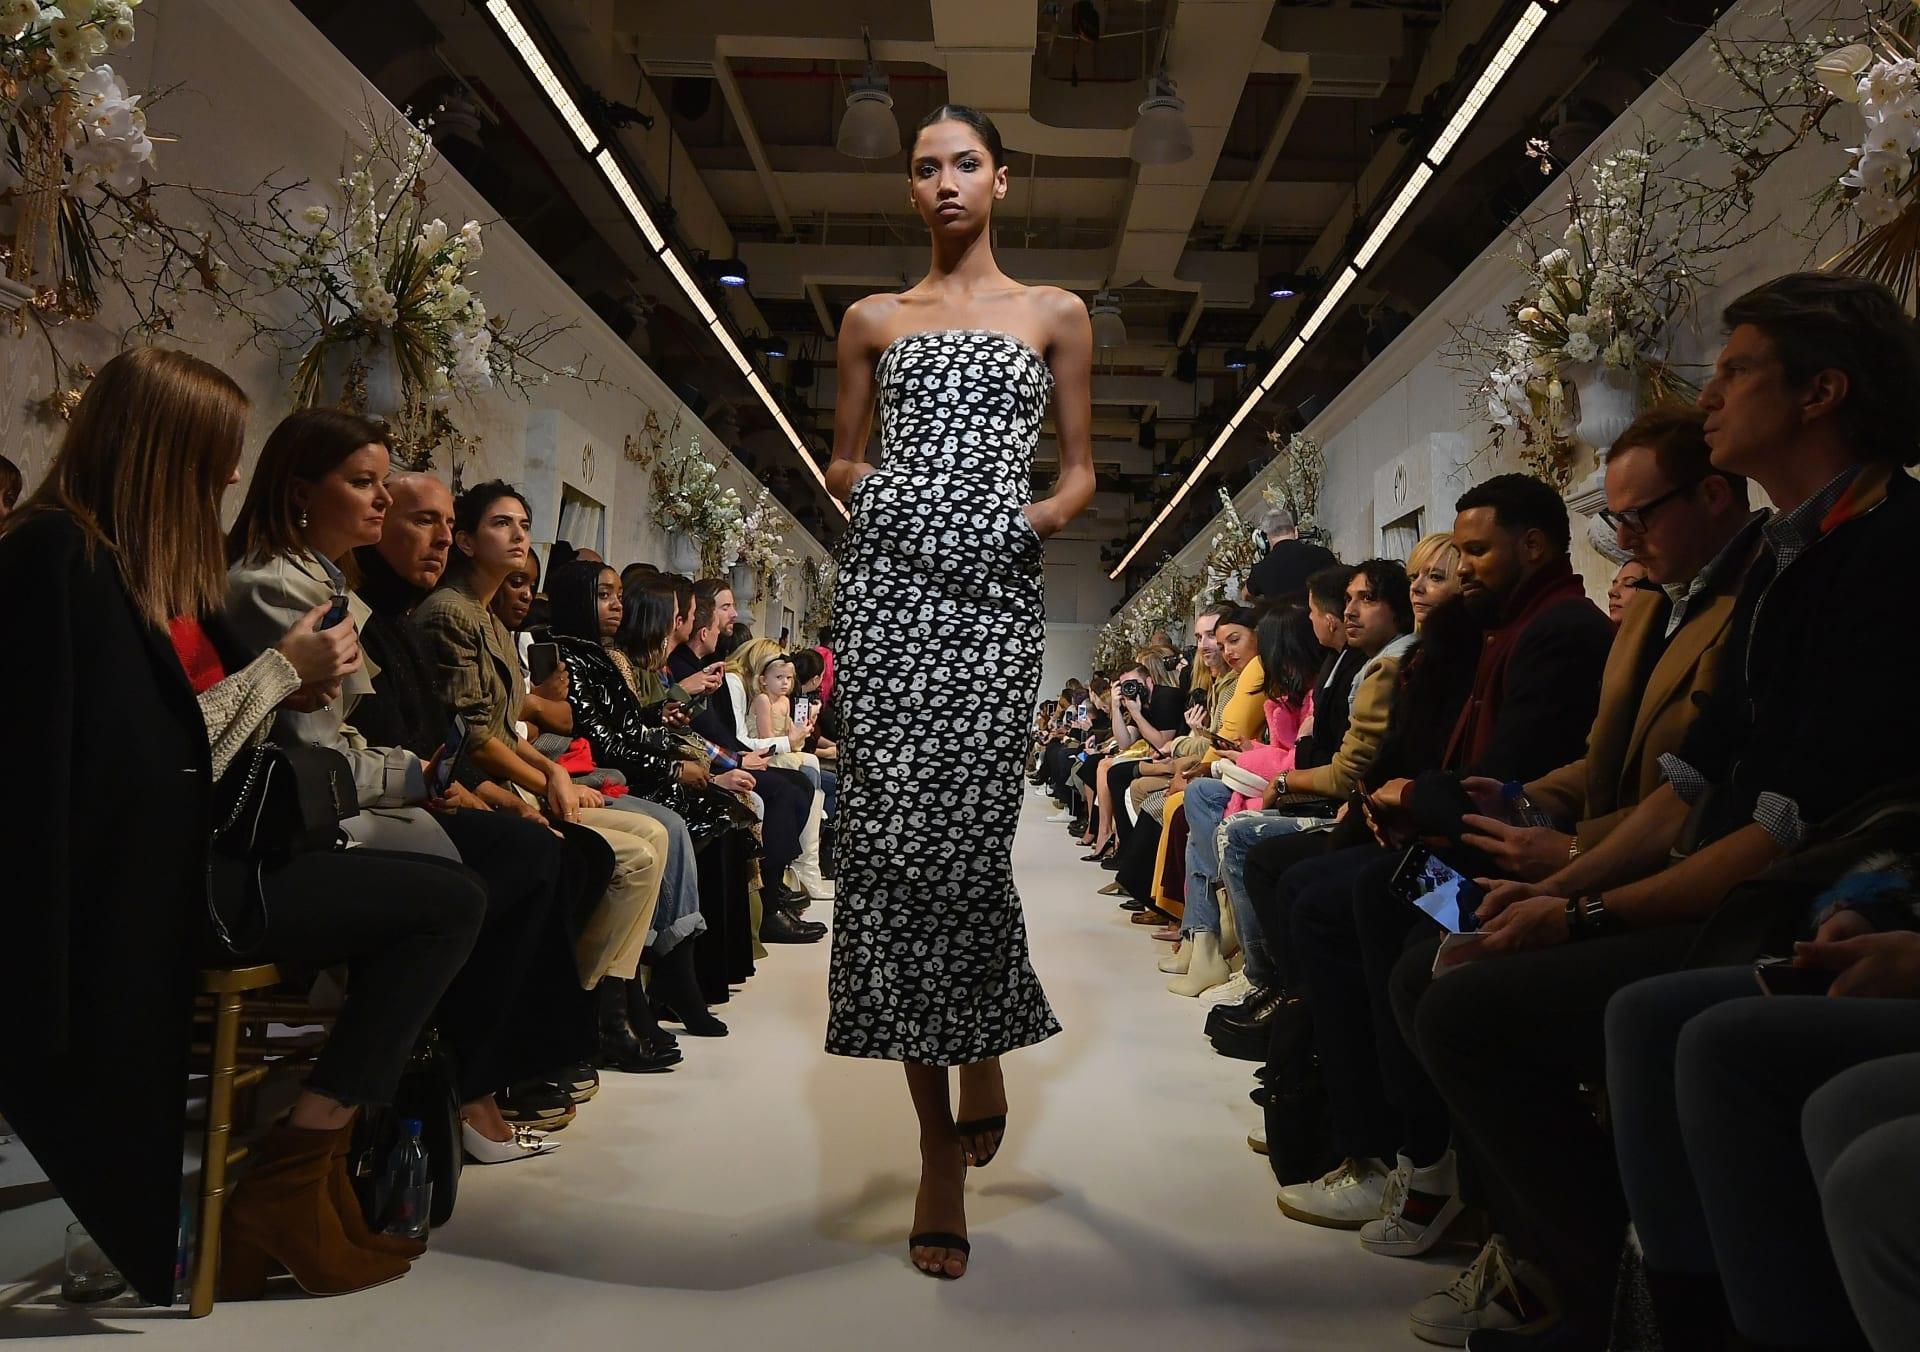 أيهن أجمل برأيك؟ حسناوات عروض الأزياء يجتمعن بأسبوع نيويورك للموضة